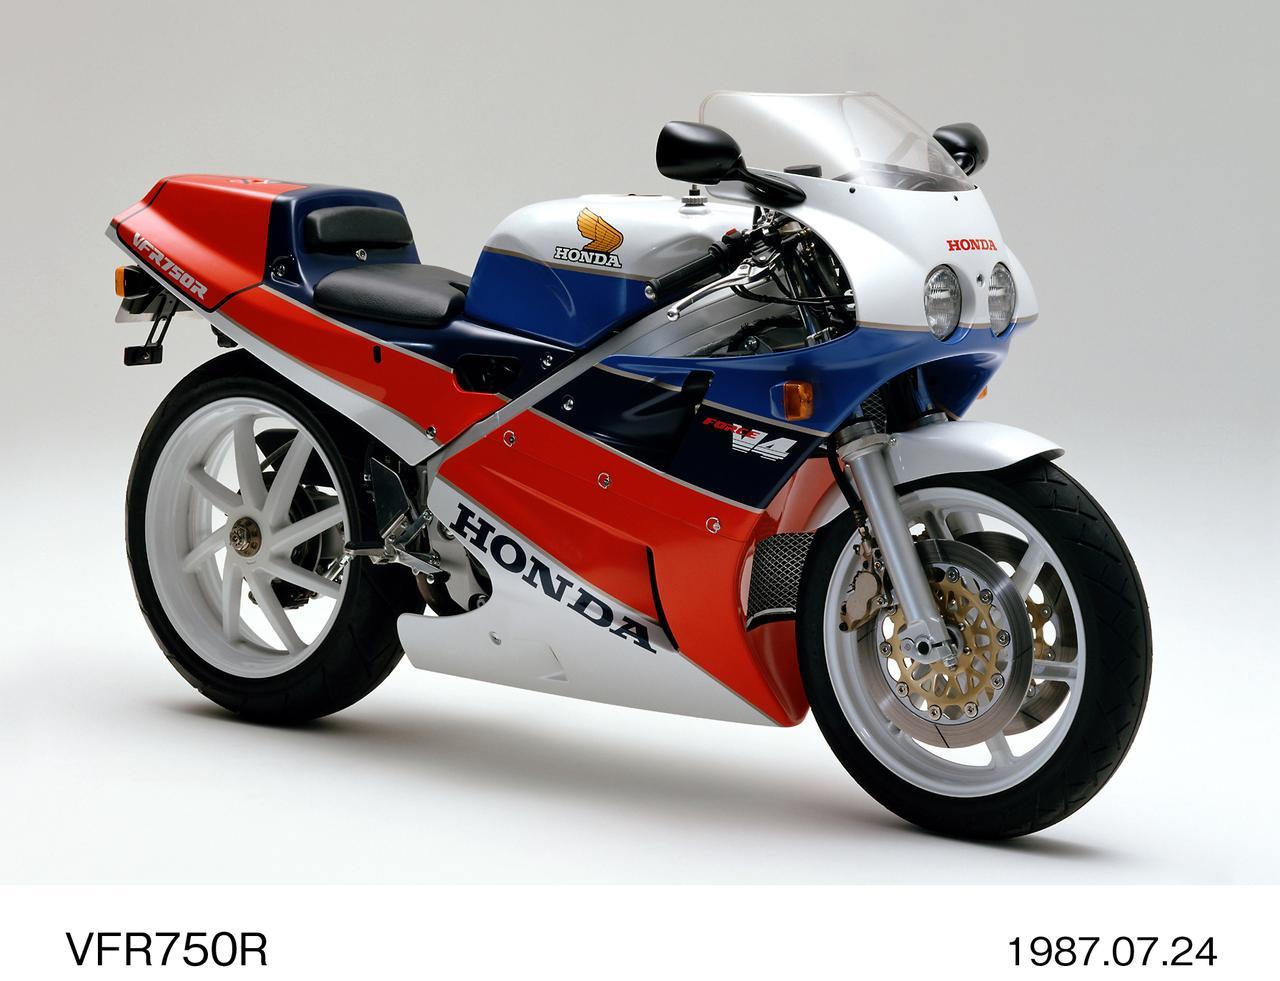 画像1: VFR750R(RC30)30周年記念アイテム第1弾! 受注期間限定ヘルメット発売開始! Arai RX-7X RC30